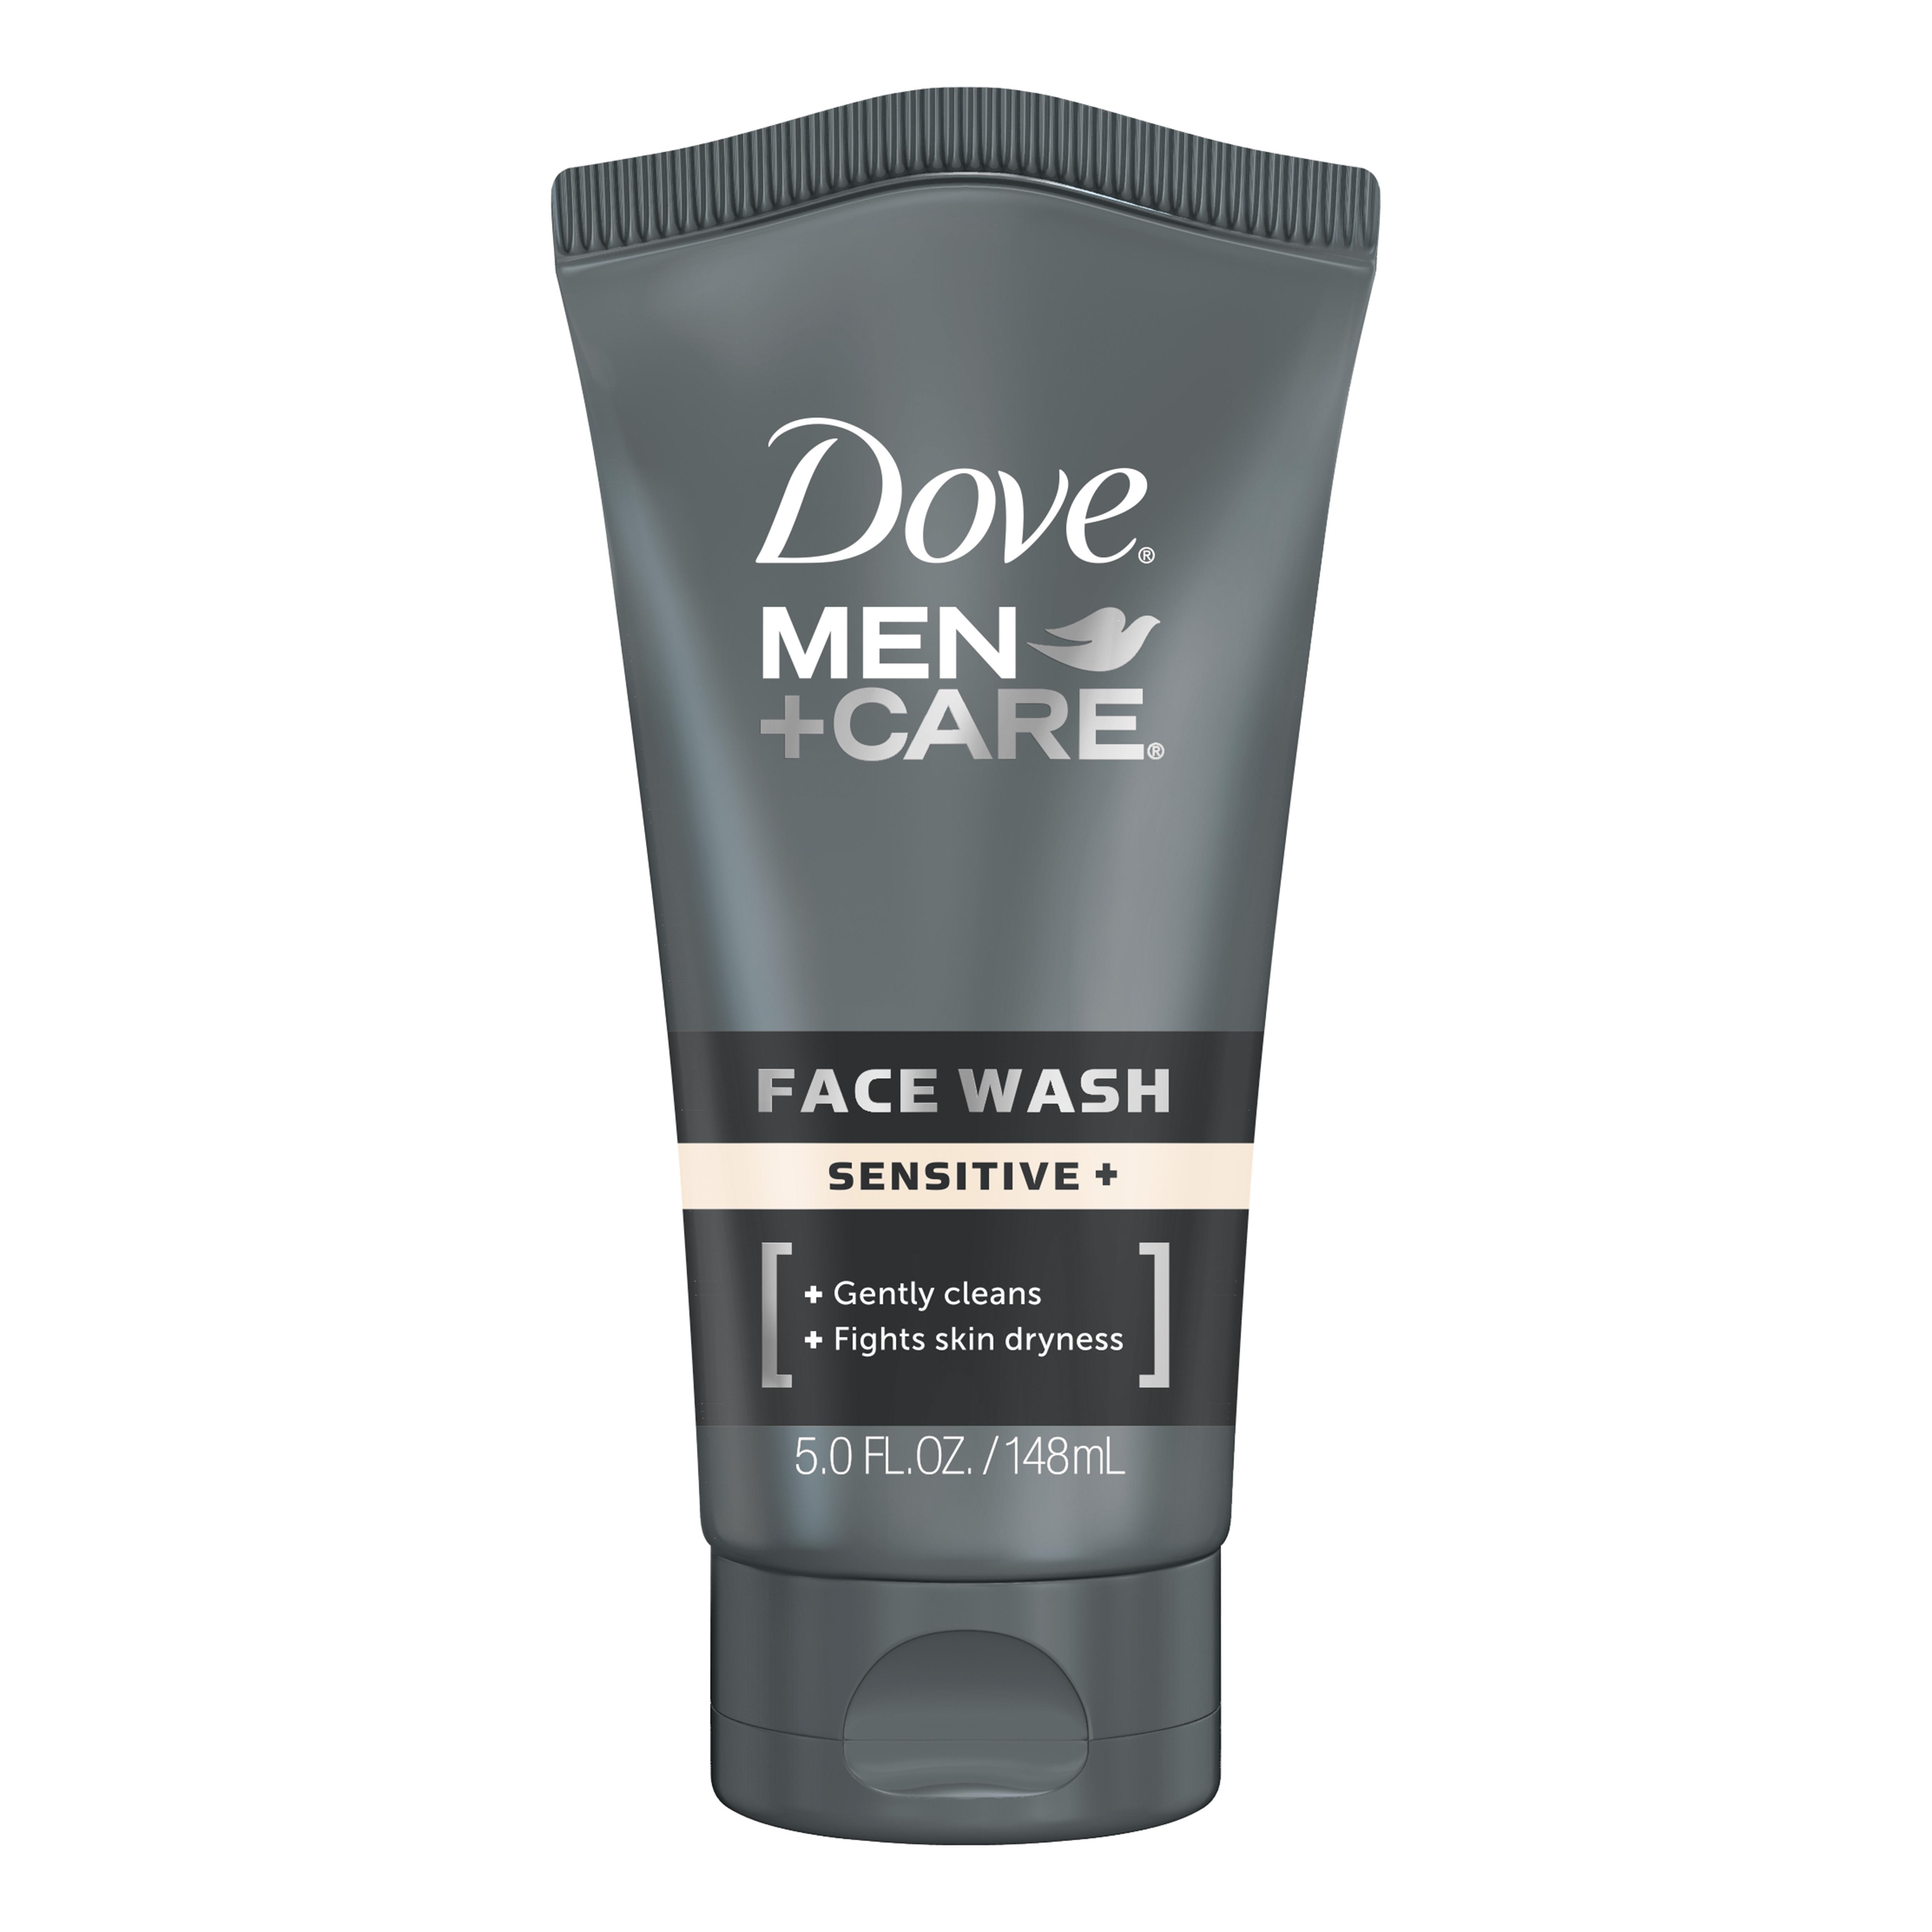 dove men care sensitive face wash. Black Bedroom Furniture Sets. Home Design Ideas